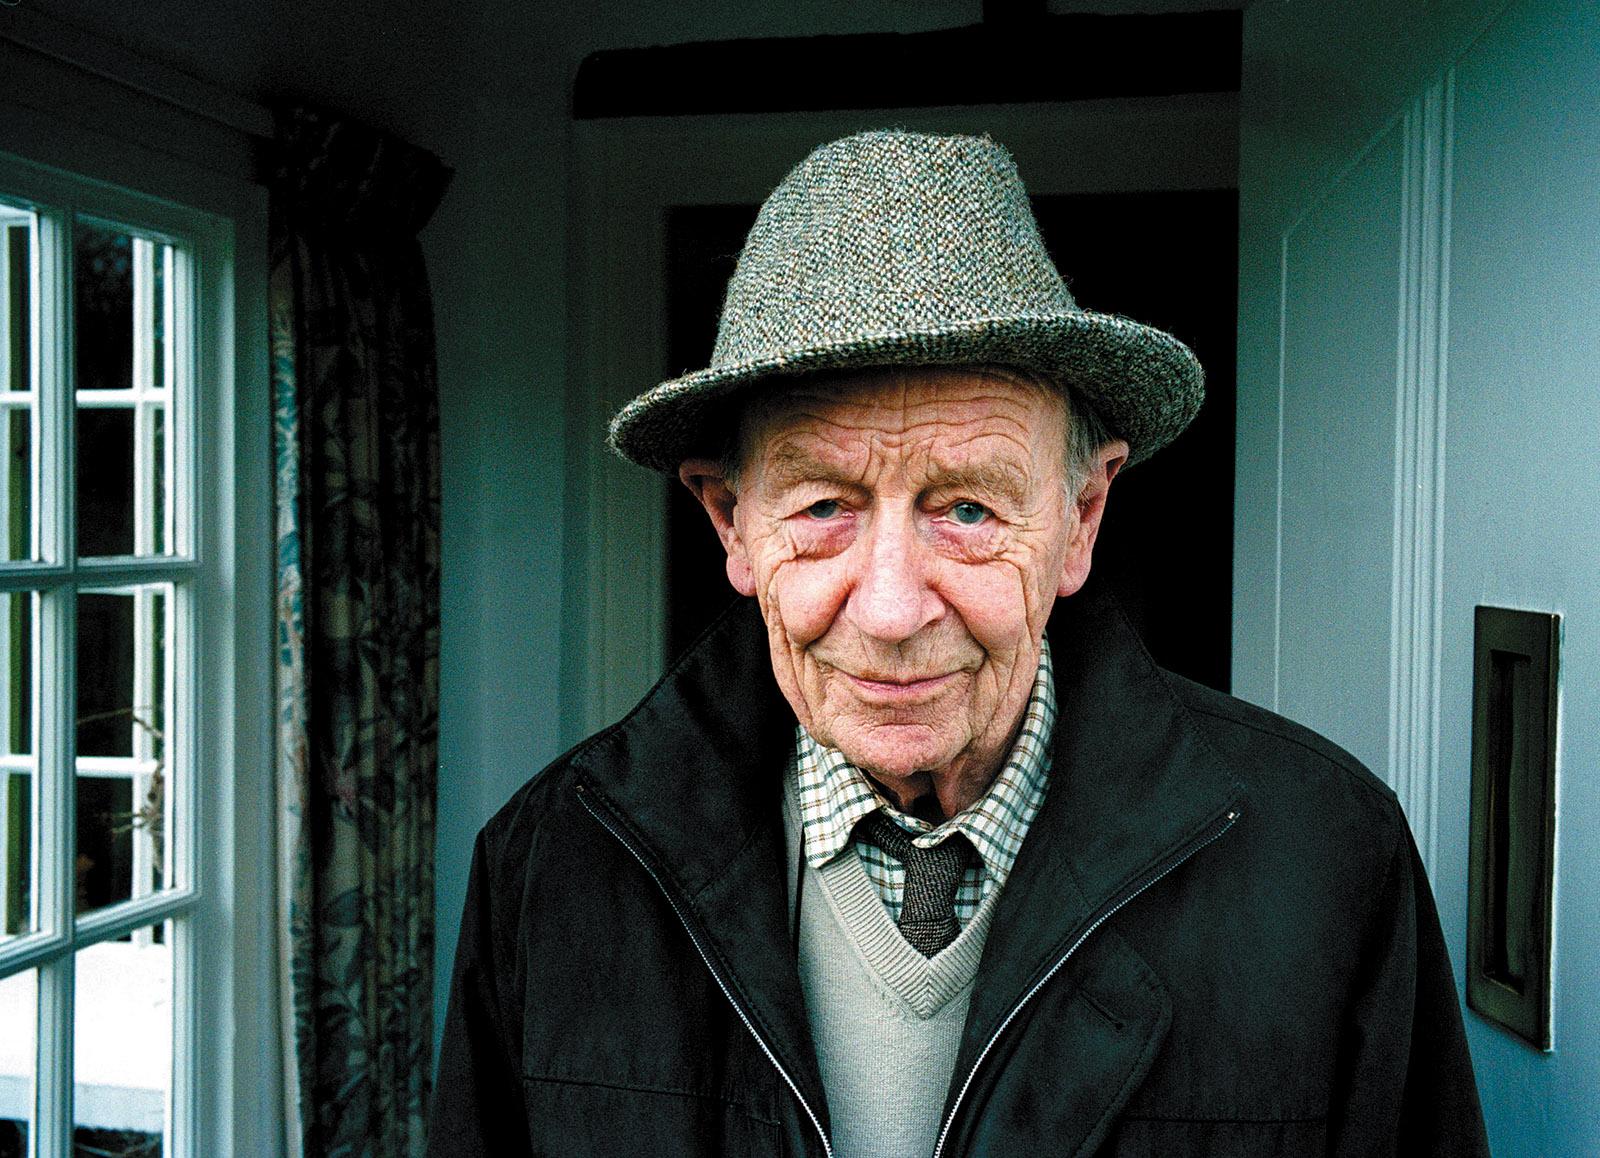 William Trevor, Devon, England, 2009